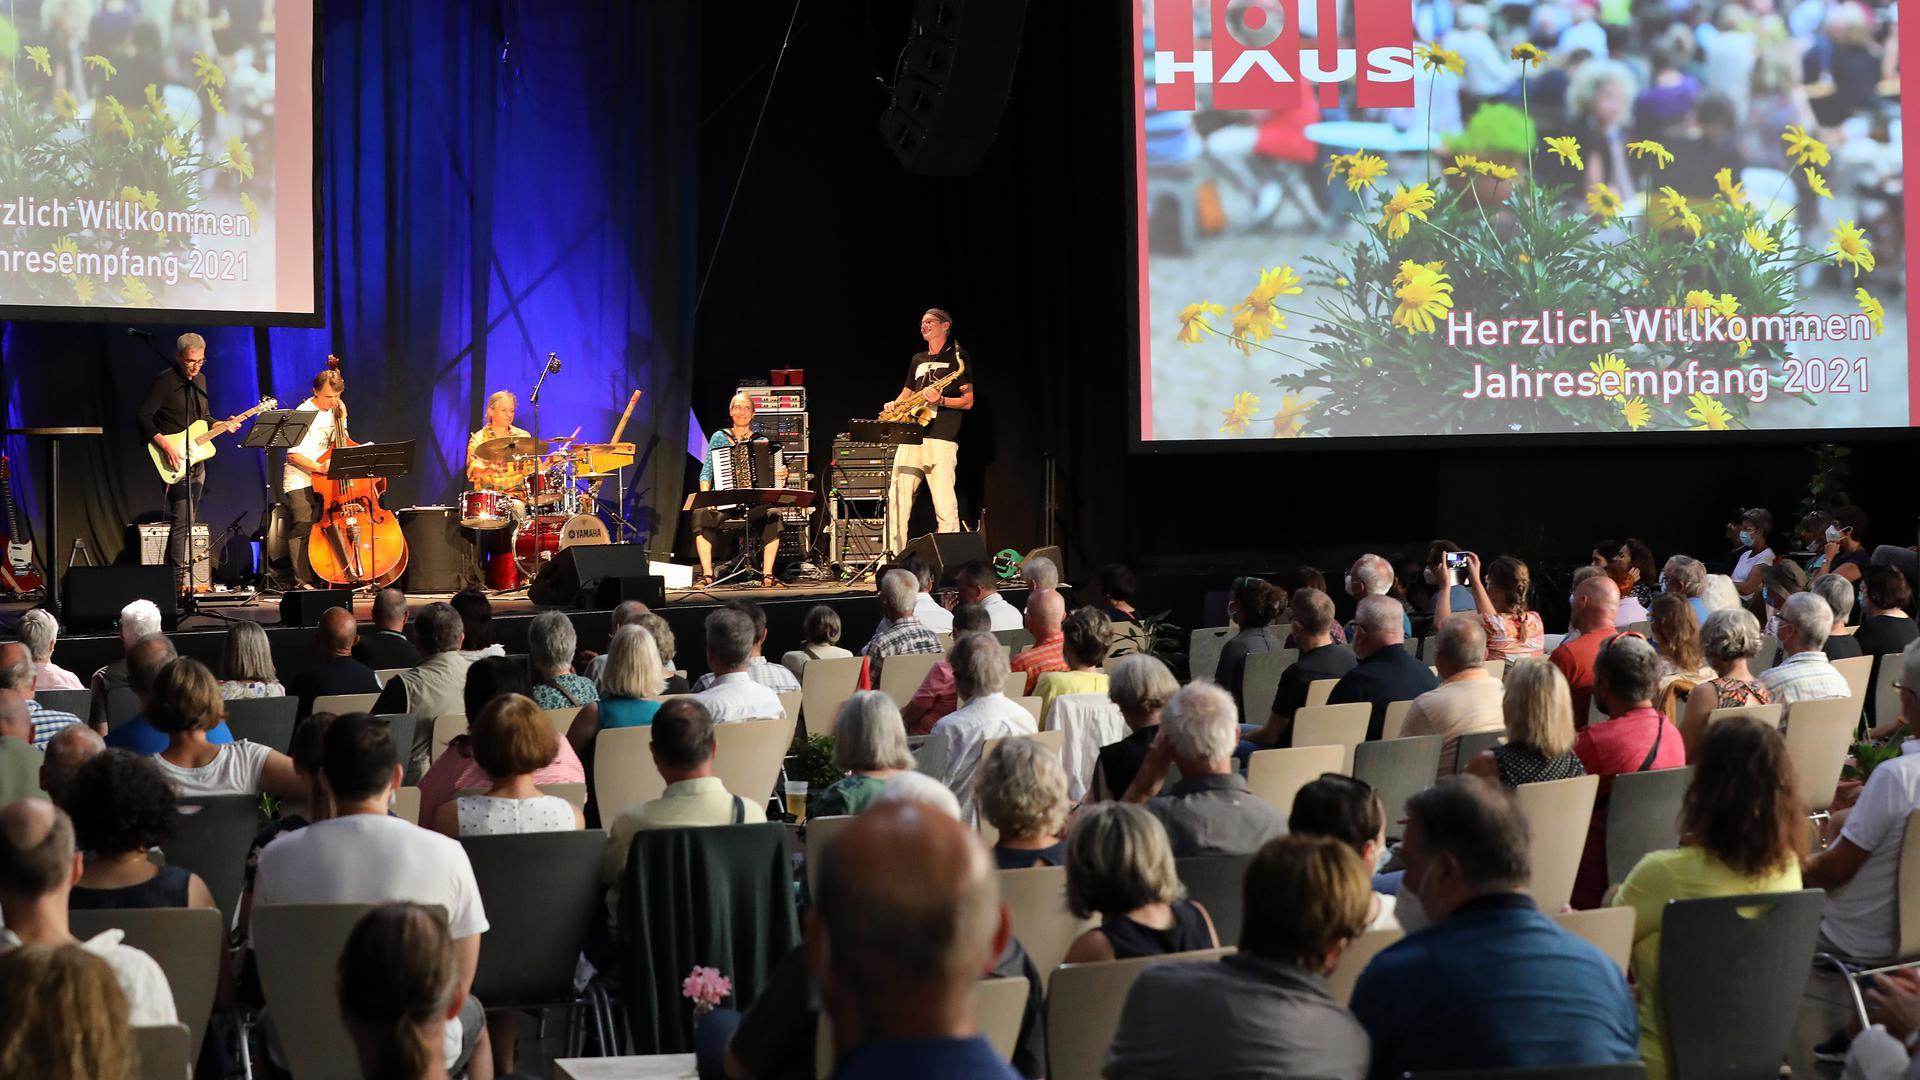 Musik zum Auftakt: Die Band Ostgold aus Karlsruhe stand beim Jahresempfang im Tollhaus im Großen Saal auf der Bühne.